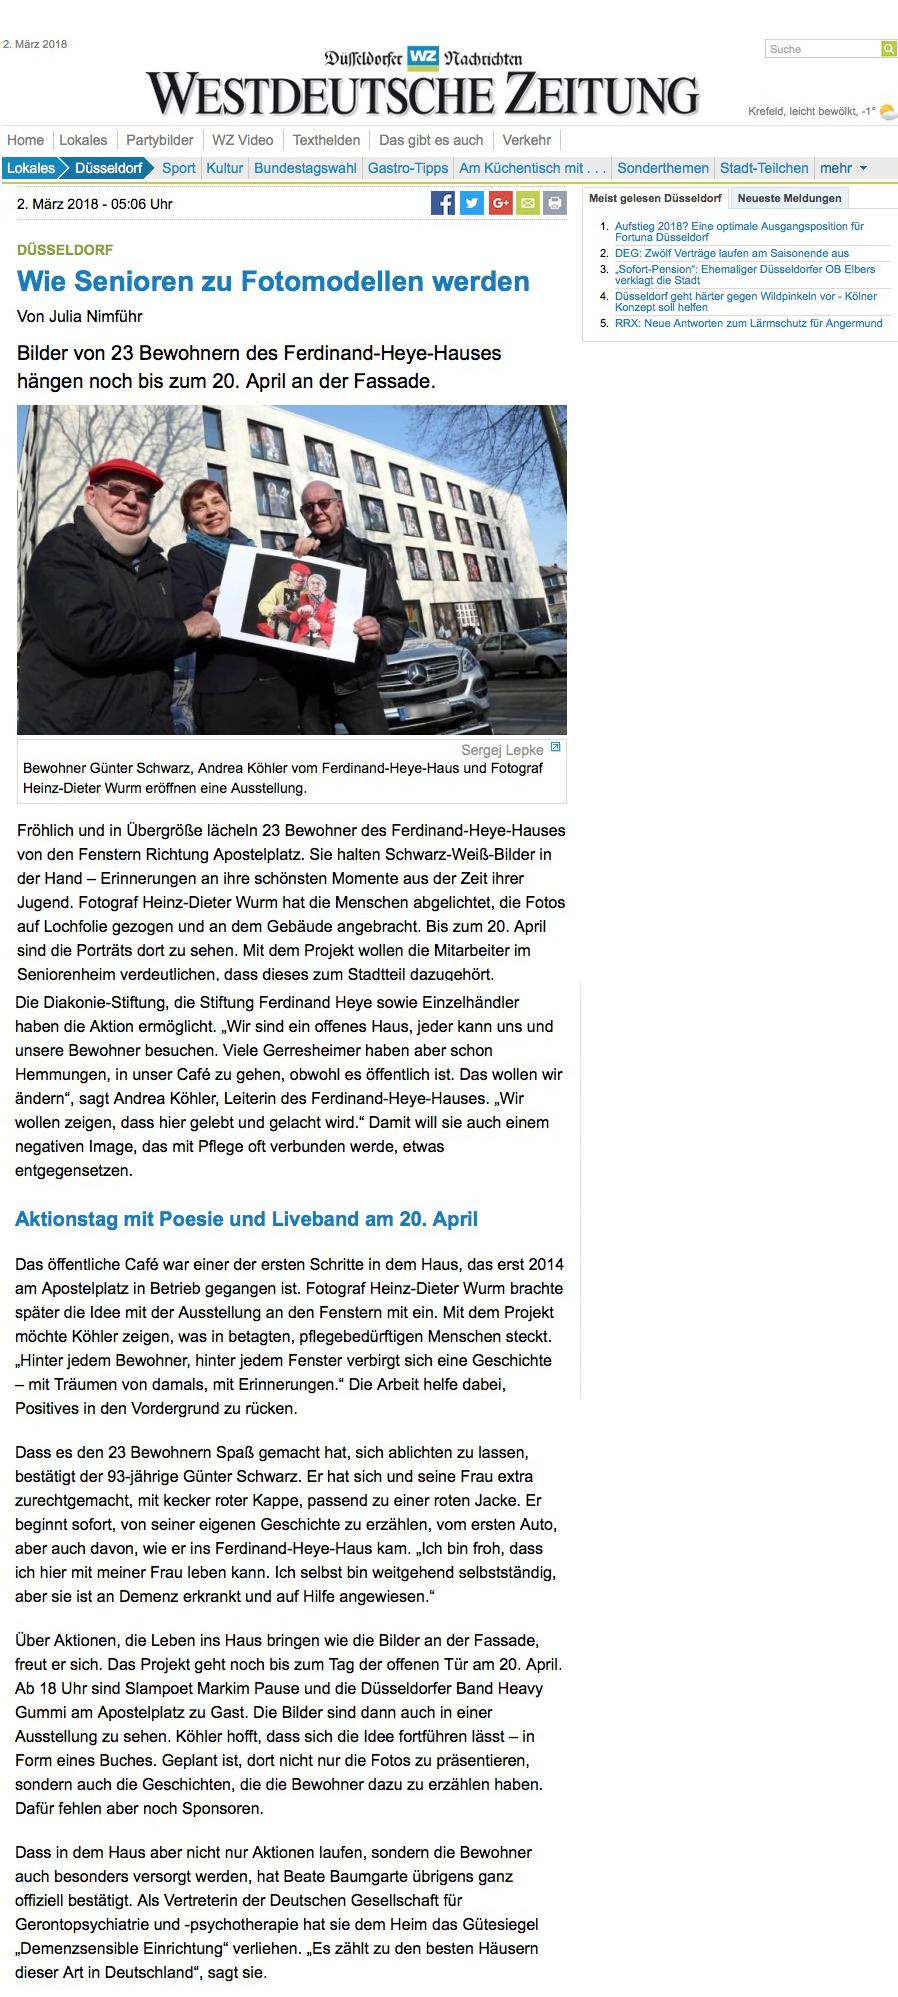 Presse_Ausstellung_WZ